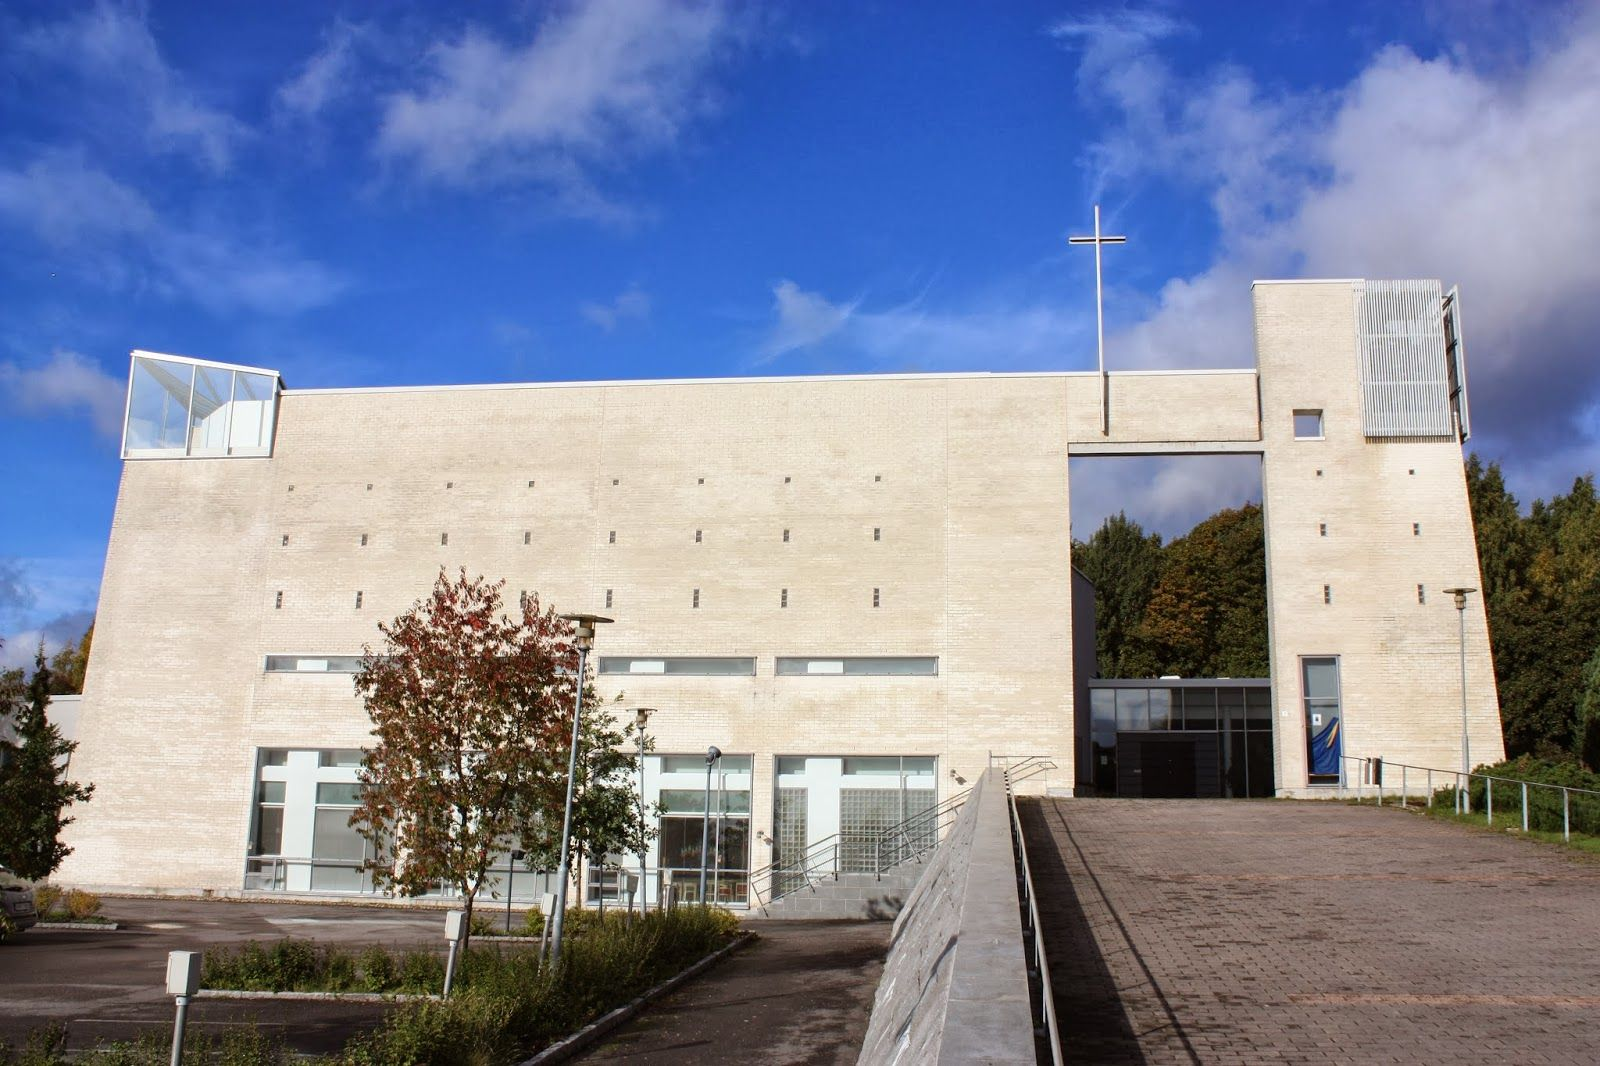 Hämeenkylän kirkko, Vantaa